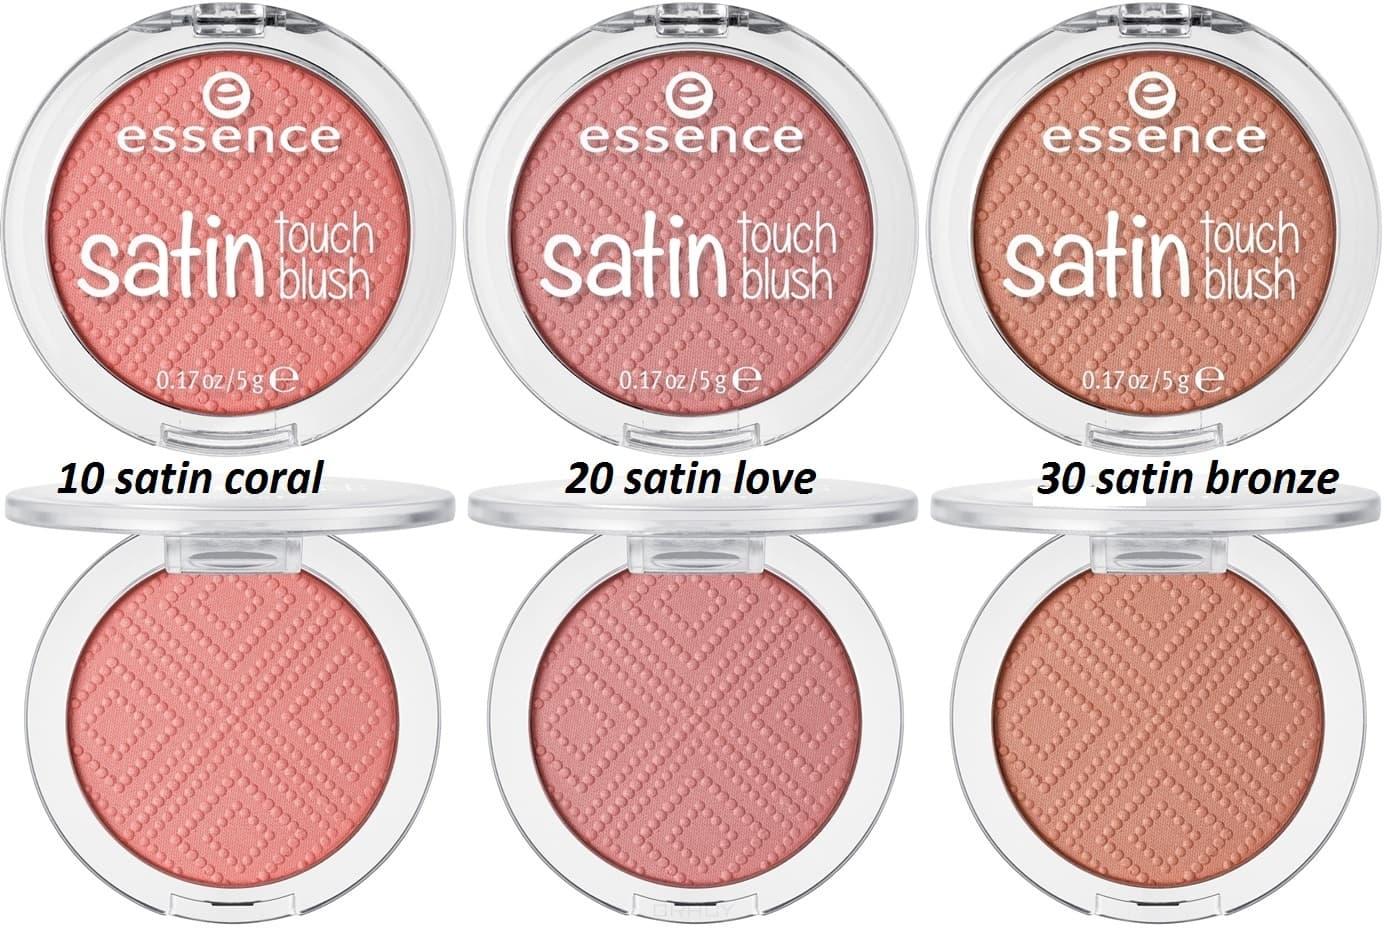 Румяна Satin Touch Blush, 5 грОписание:&#13;<br> &#13;<br> Румяные щечки! Новые сатиновые румяна с легкой текстурой внесут завершающий штрих в твой очаровательный образ. Выбирай любой из трех вариантов: розовое дерево, коралл или бронза – каждый из них придаст щечкам не только желаемый оттенок, но и нежное жемчужное сияние. &#13;<br> &#13;<br> Состав:&#13;<br> &#13;<br> Mica, Talc, Aluminum Starch Octenylsuccinate, Isocetyl Stearoyl Stearate, Octyldodecyl Stearate, Magnesium Stearate, Tocopherol, Silica, Ethylhexylglycerin, Peg-8, Ascorbyl Palmitate, Ascorbic Acid, Citric Acid, Phenoxyethanol, Ci 15850 (Red 6 Lake), Ci 15850 (Red 7 Lake), Ci 19140 (Yellow 5 Lake), Ci 77491 (Iron Oxides), Ci 77499 (Iron Oxides), Ci 77891 (Titanium Dioxide).<br>